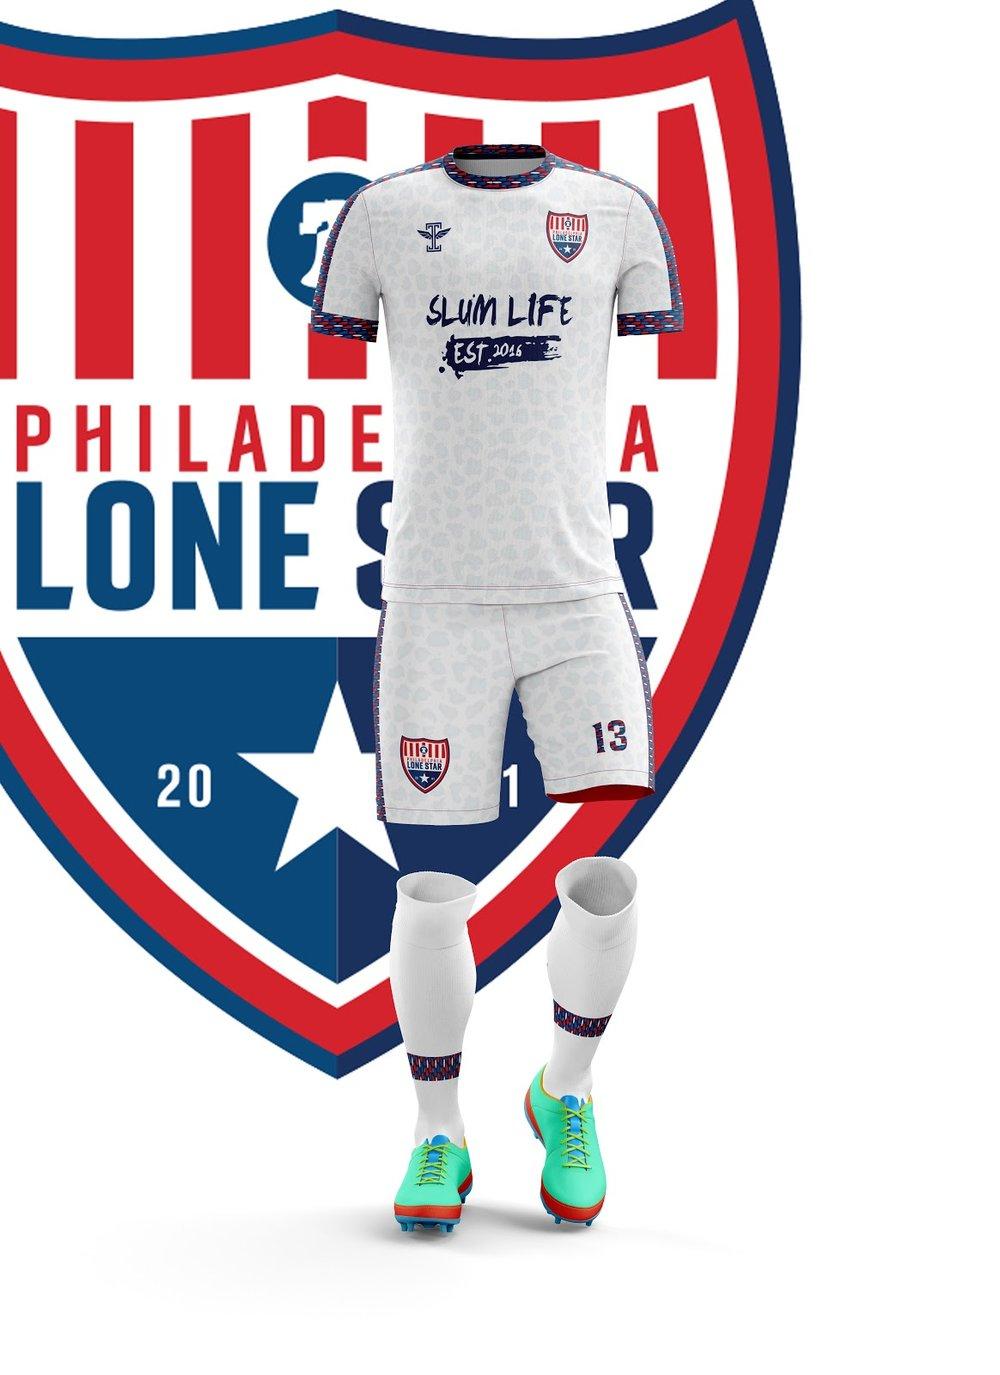 Philadelphia Lone Star African White Kit.jpg